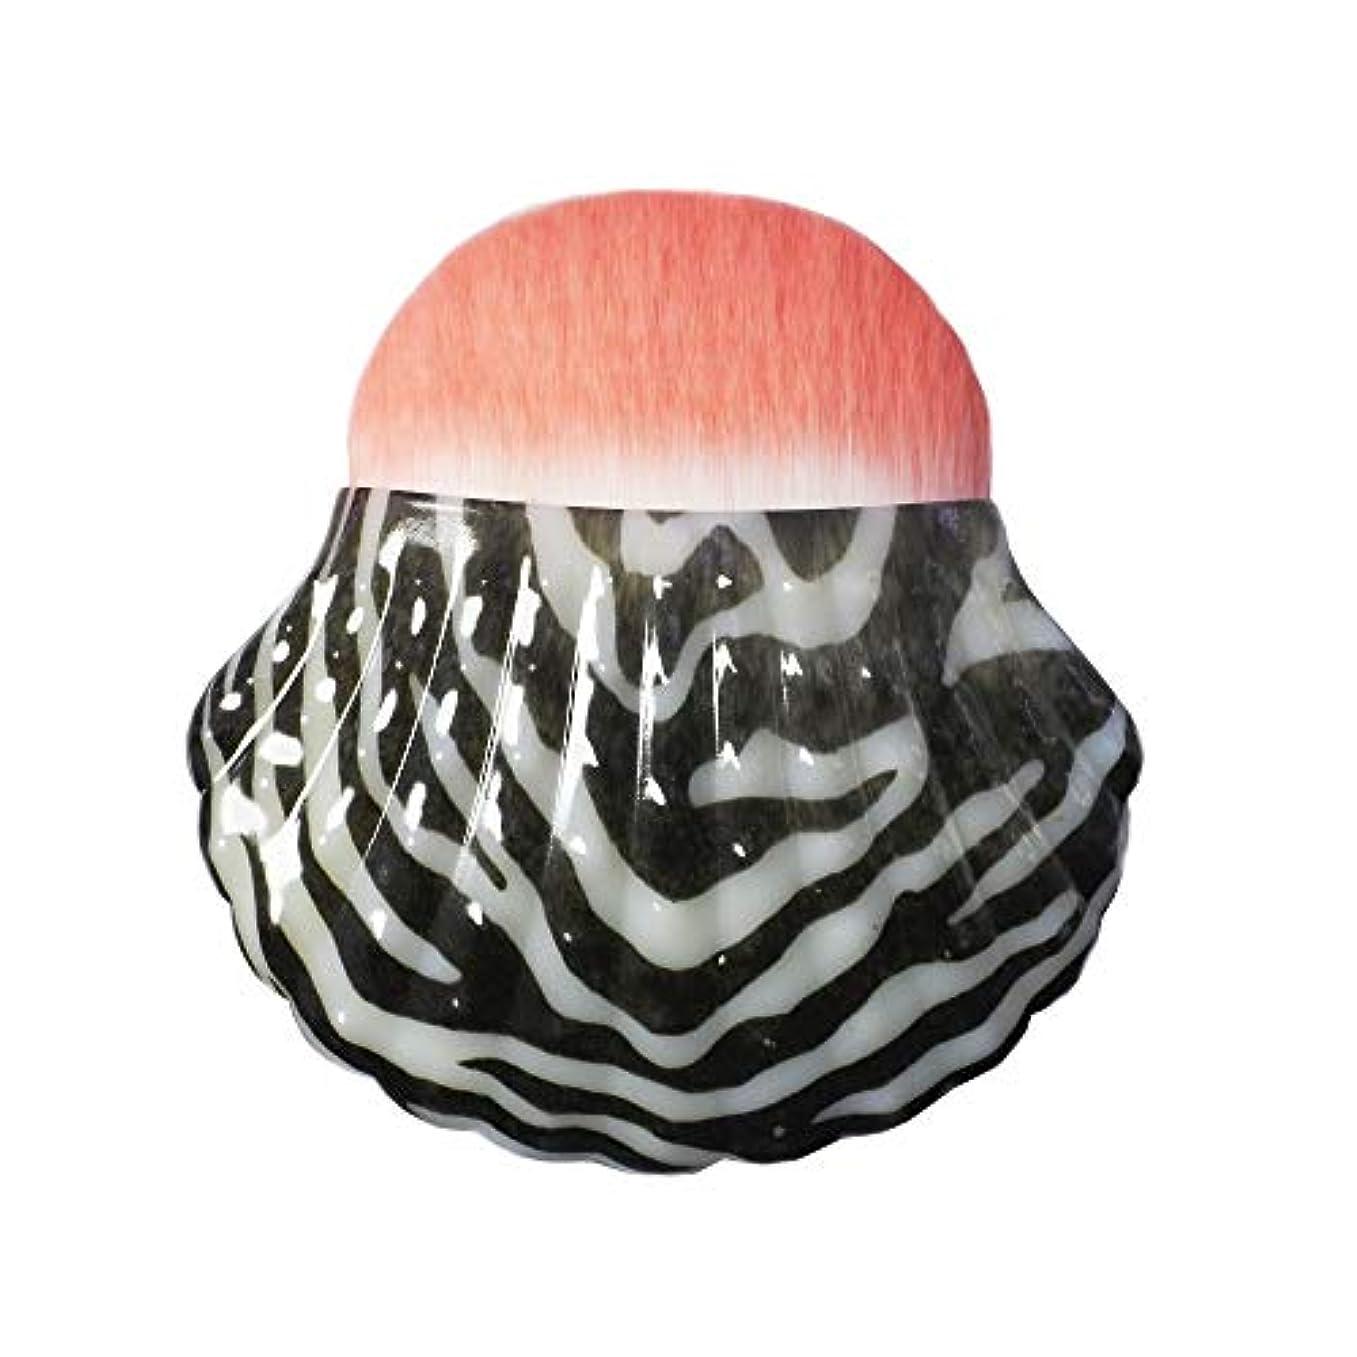 Makeup brushes 黒と白のパターン、個々のシェルタイプブラッシュブラシ美容メイクブラシツールポータブル多機能メイクブラシ suits (Color : Leopard)